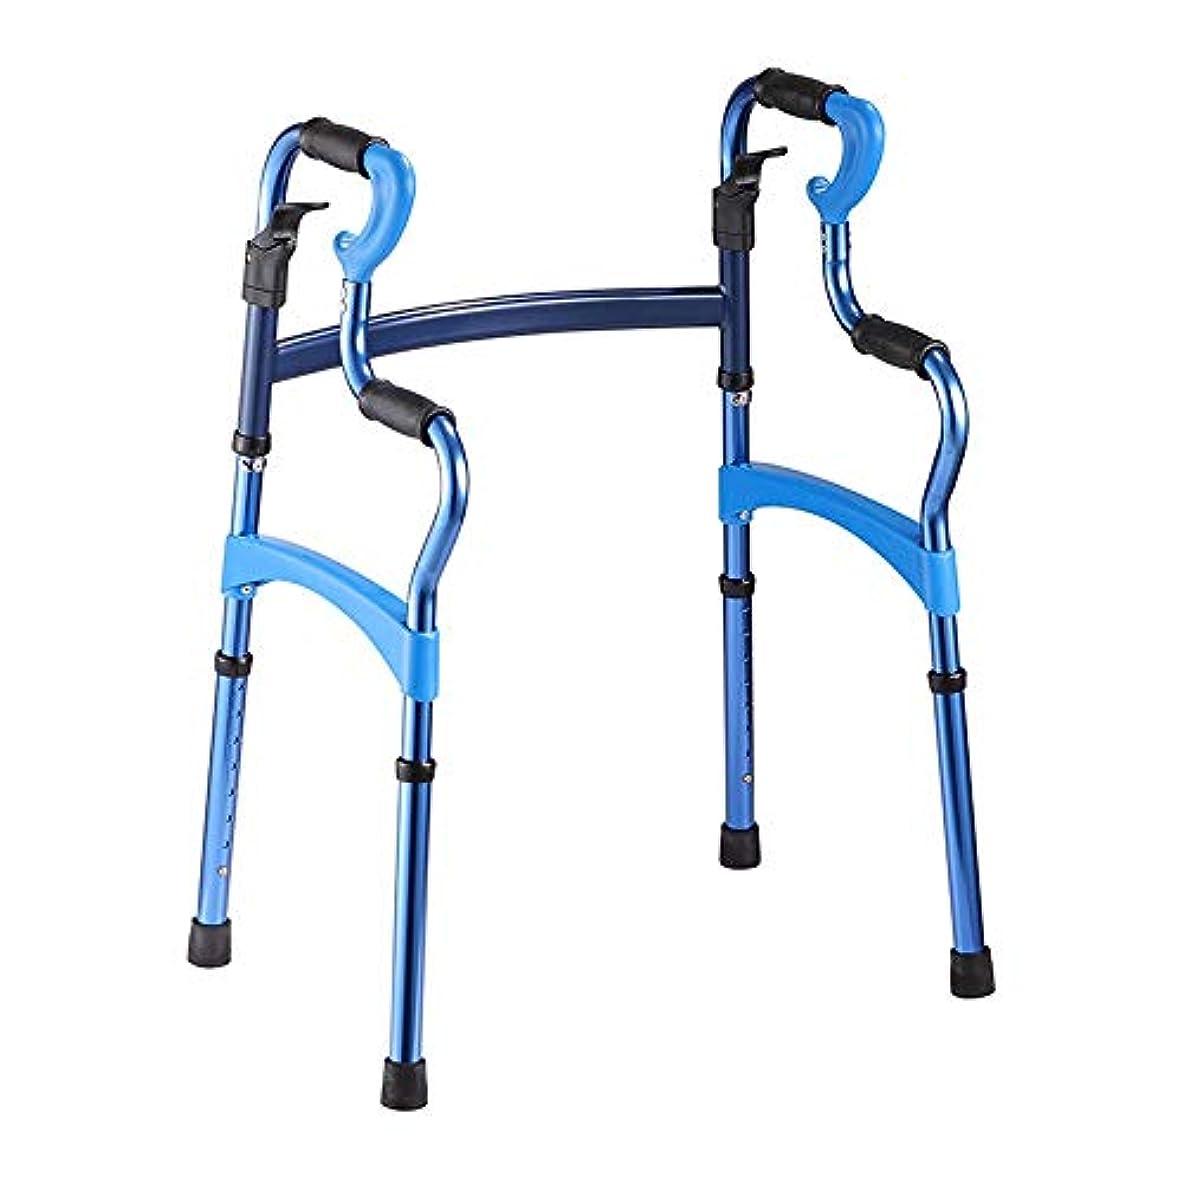 経過ページェントファントム高齢者、障害者、障害者、または負傷者のための調整可能な折りたたみ歩行補助具、軽量で調整可能な移動補助具